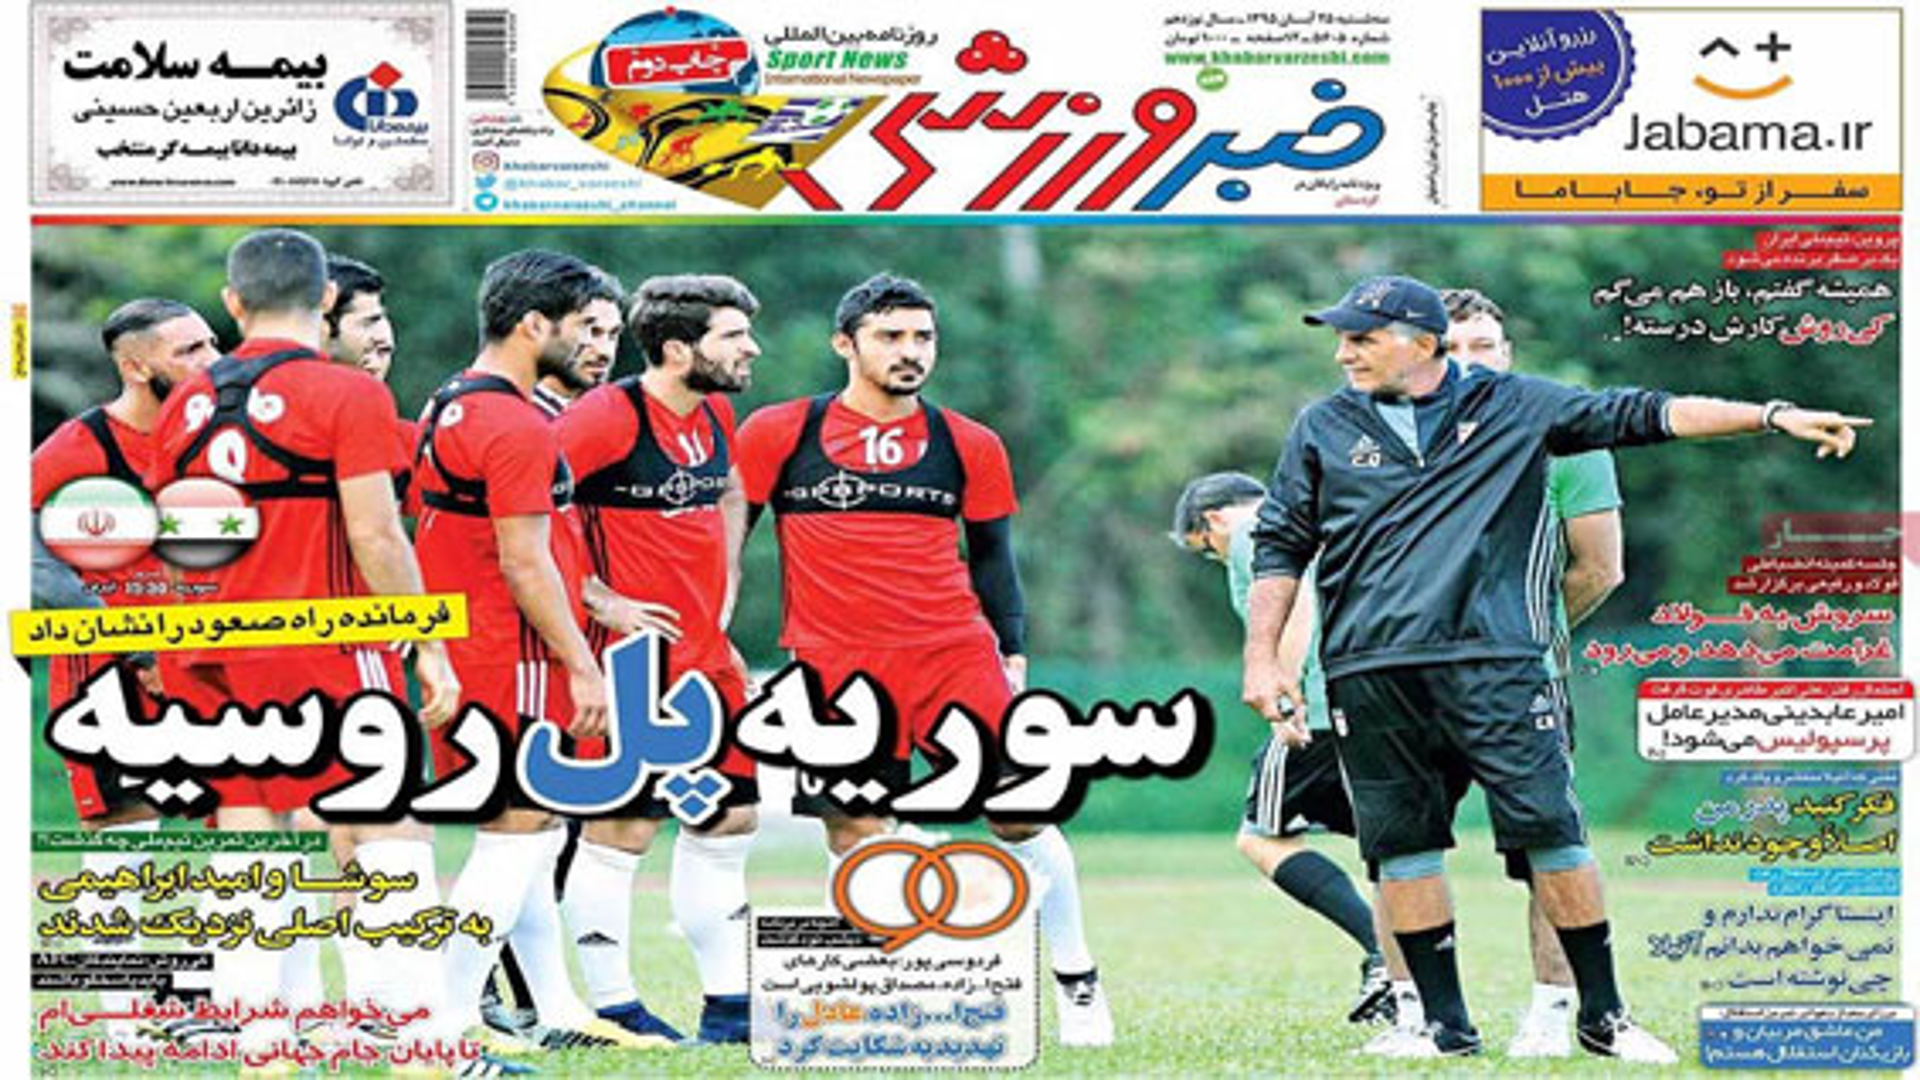 عناوین روزنامههای ورزشی سهشنبه 25 آبان | فیلم